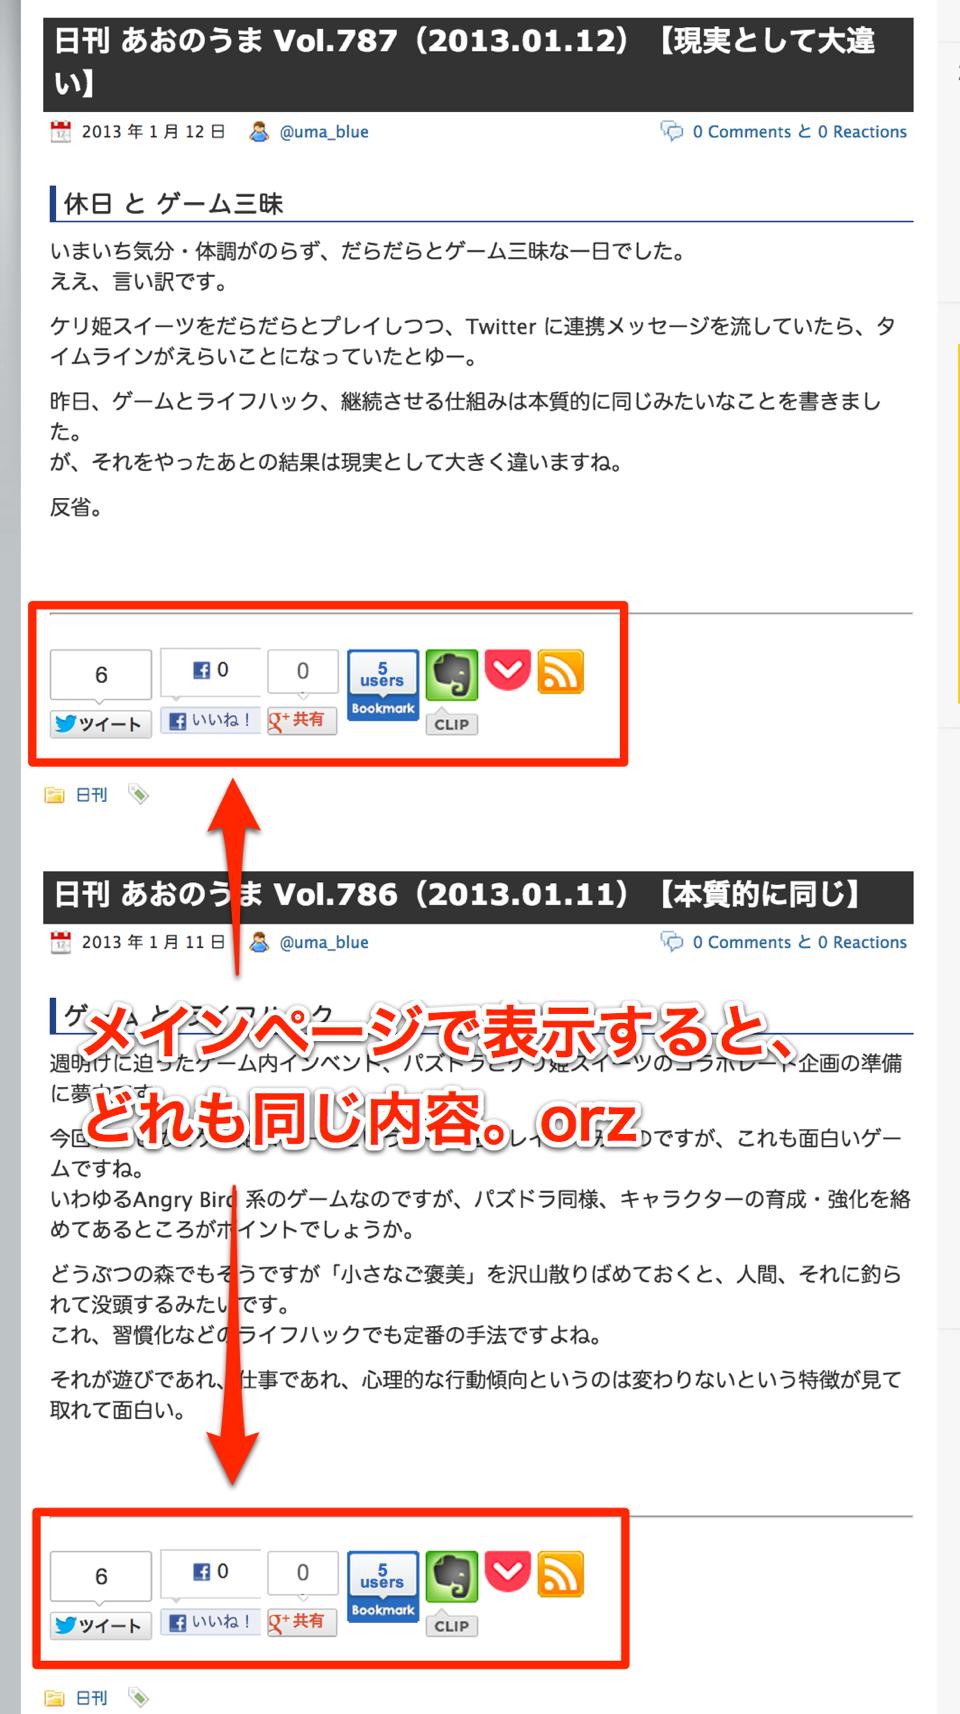 メインページで表示すると、どれも同じ内容。orz